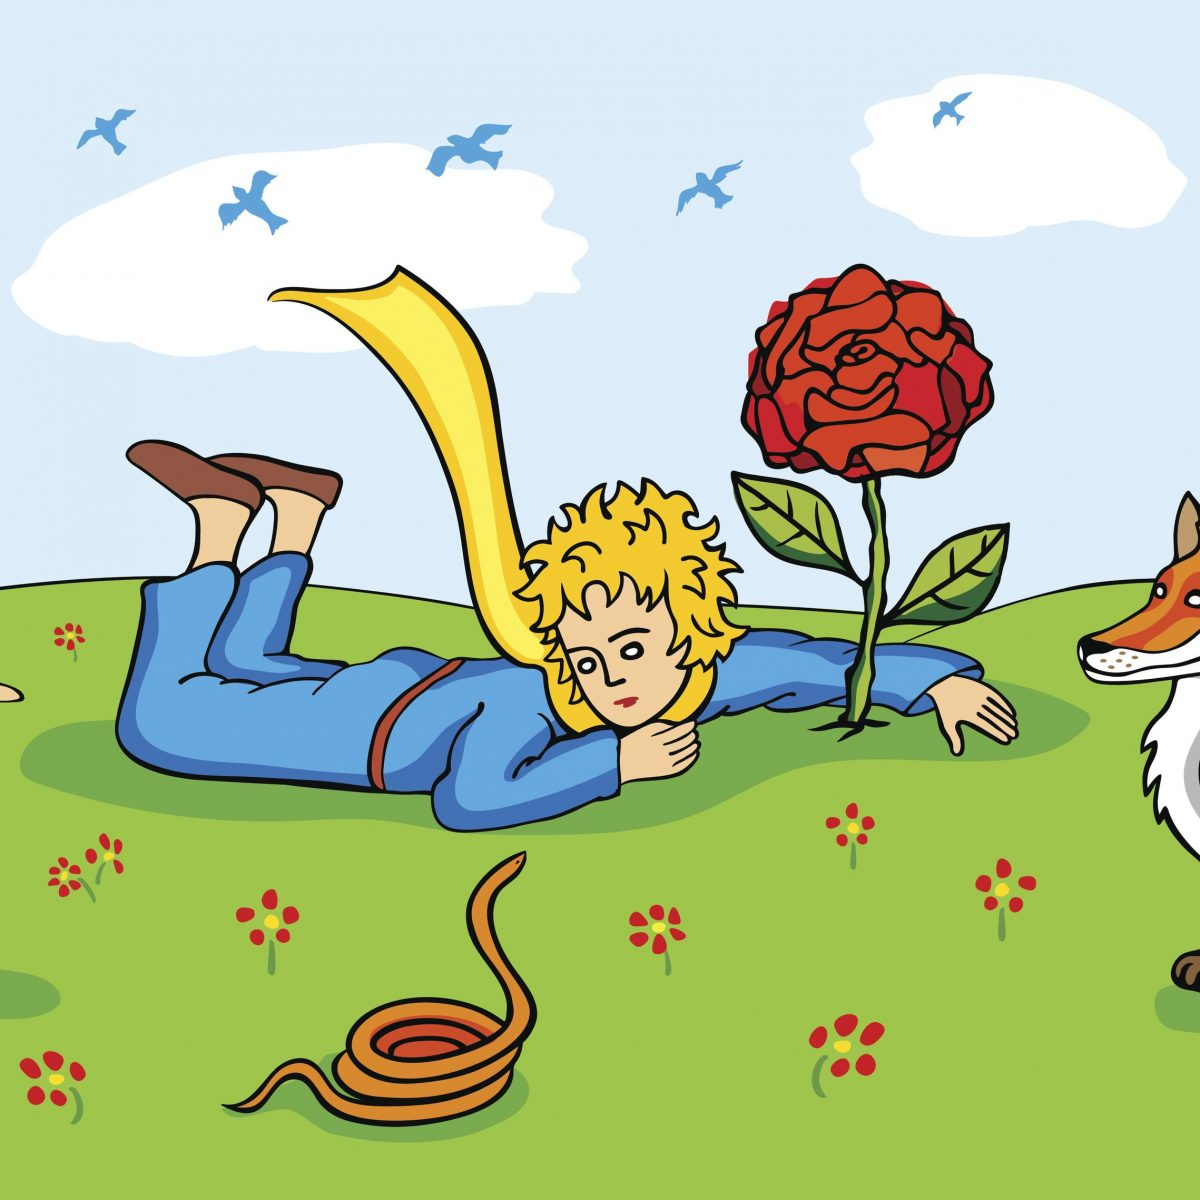 Frasi Sui Bambini Il Piccolo Principe.Le 10 Frasi De Il Piccolo Principe Da Non Dimenticare Mai Ohga